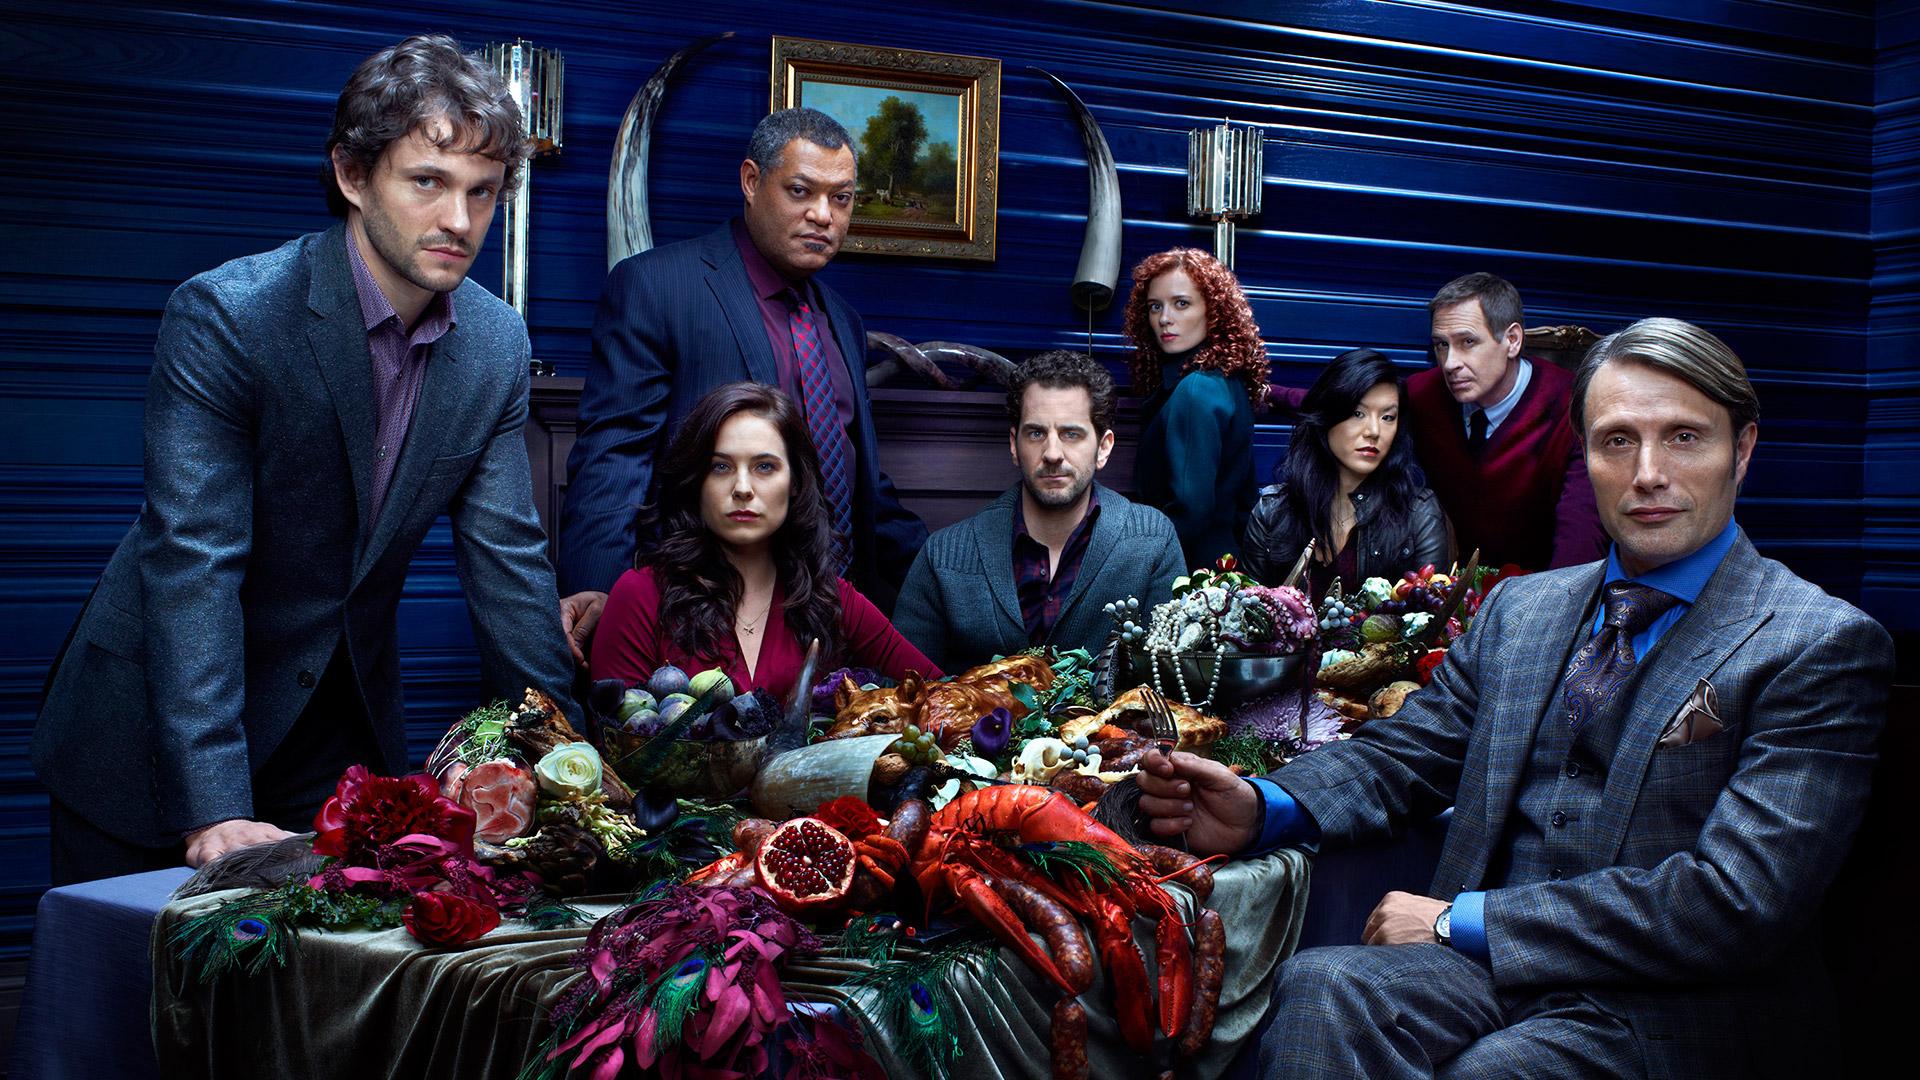 NBC vernieuwt Hannibal en About a Boy, cancelt Revolution en Community